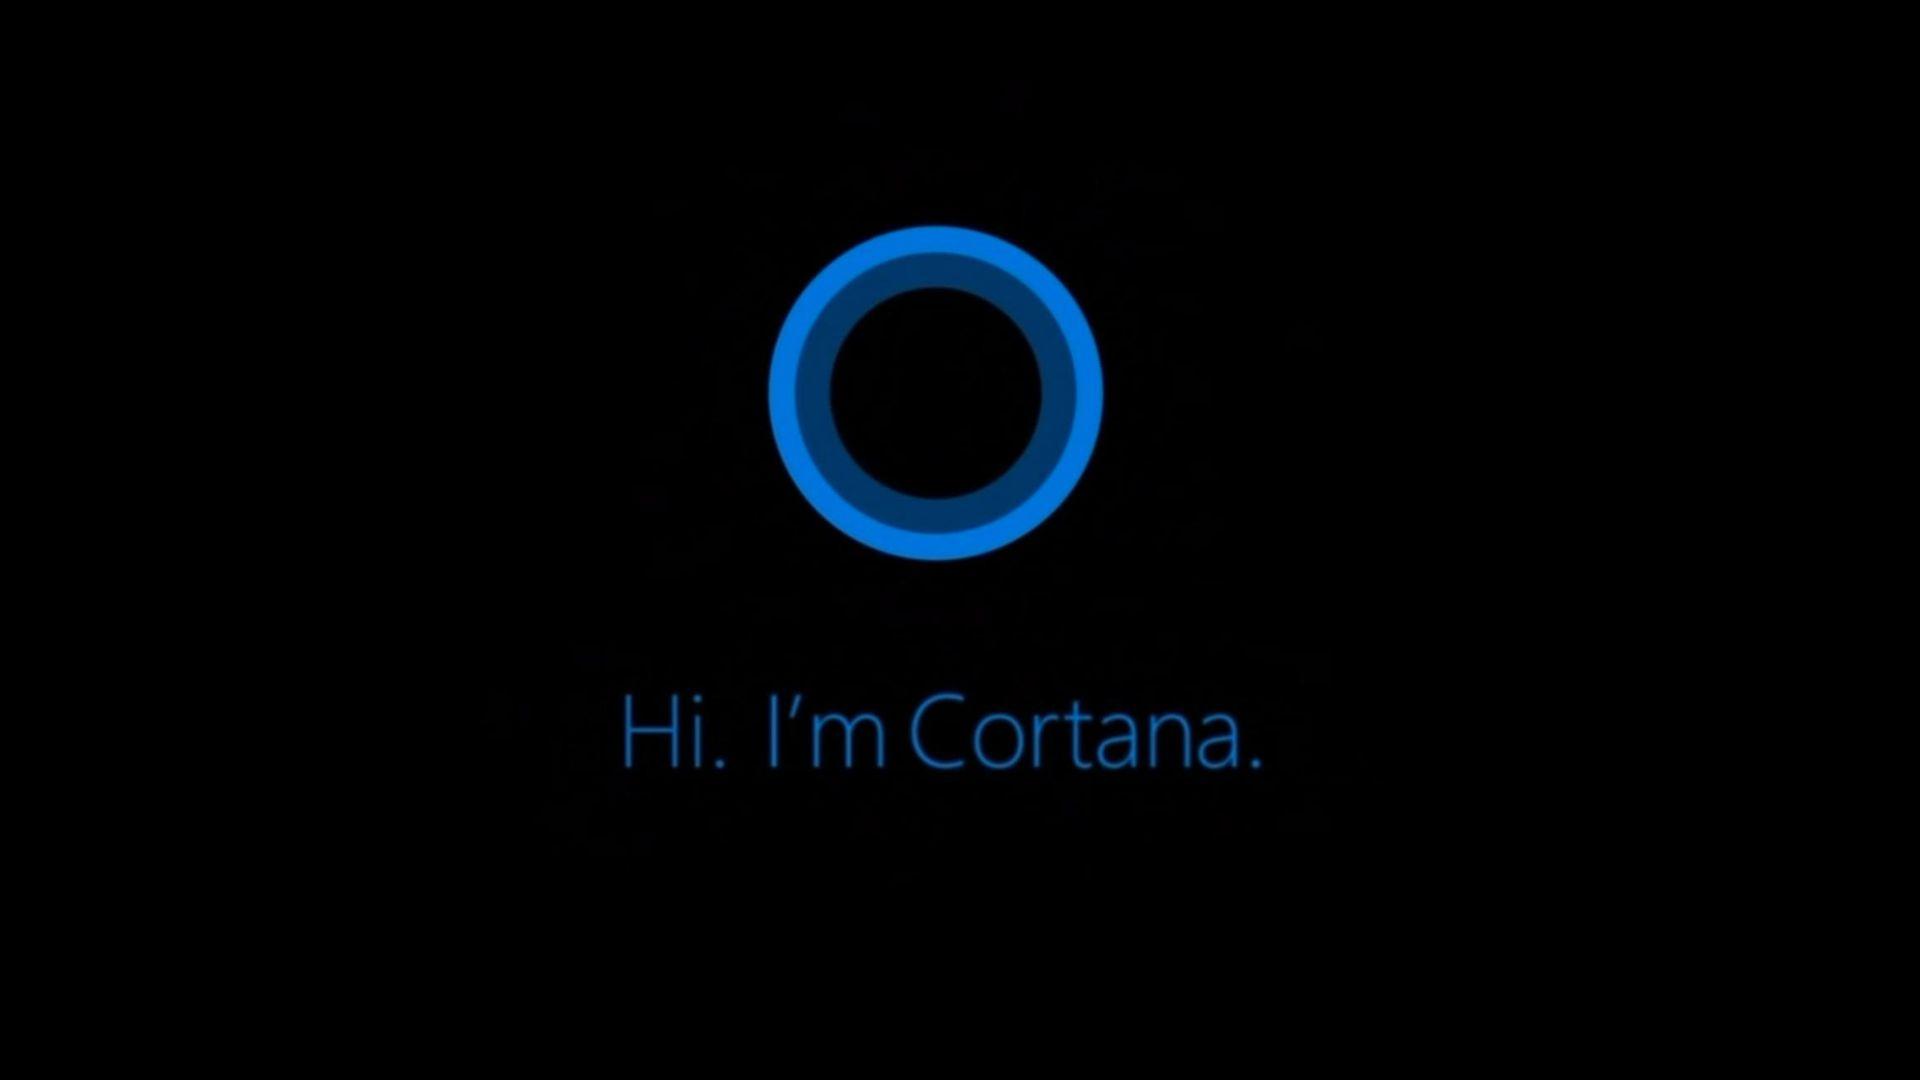 Microsoft Cortana logo